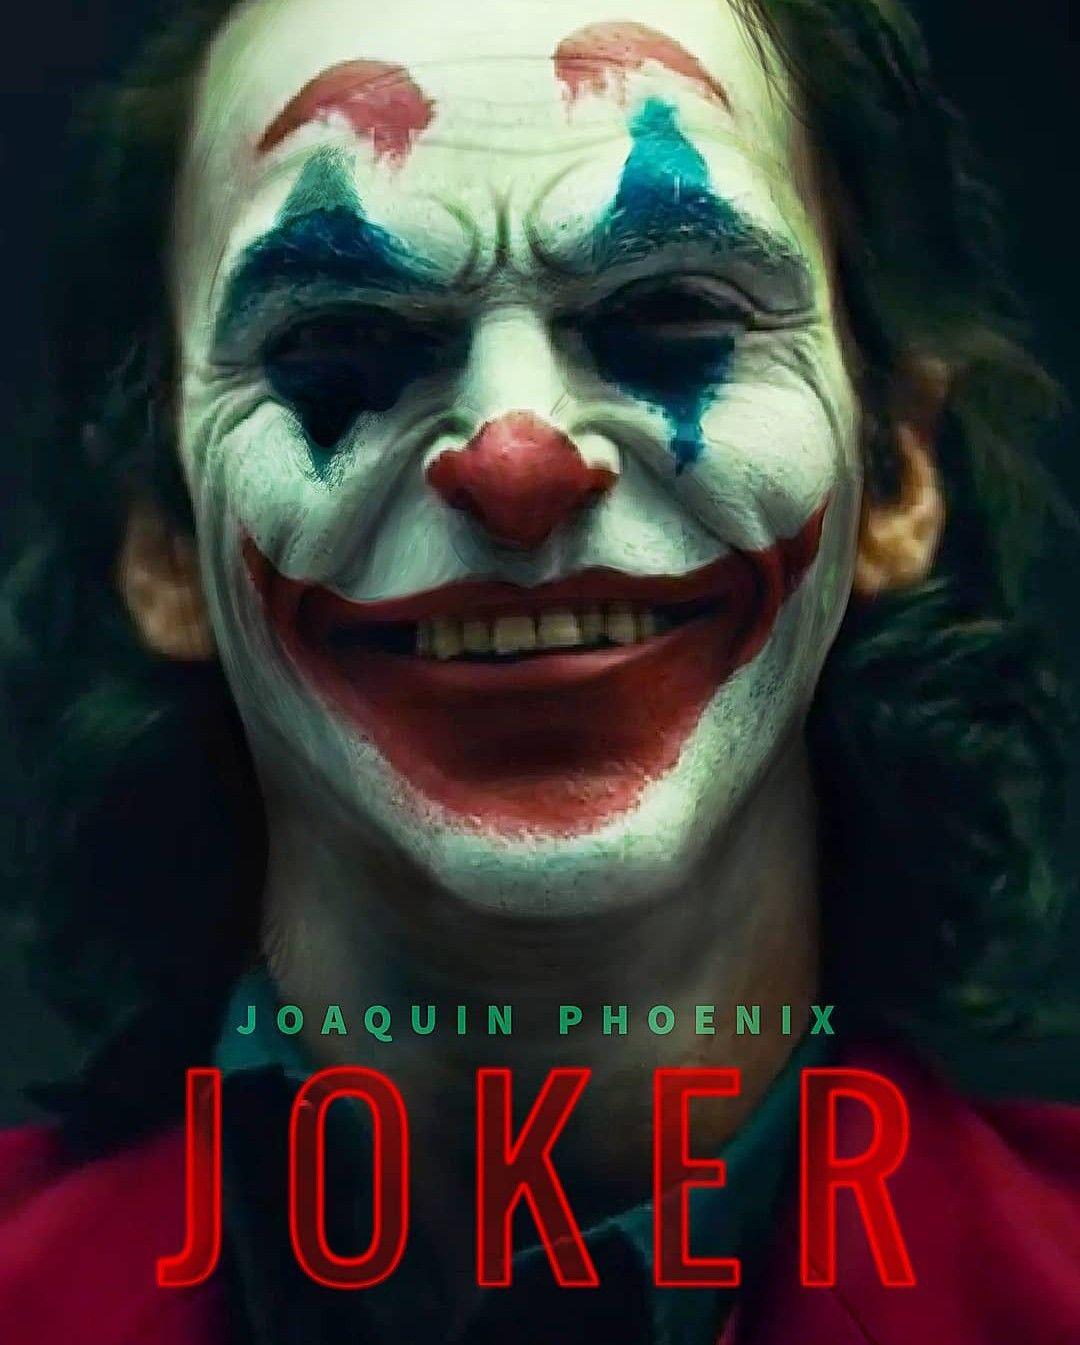 Pin By Dan Reiher On Joker Joker Film Joker Comic Joker